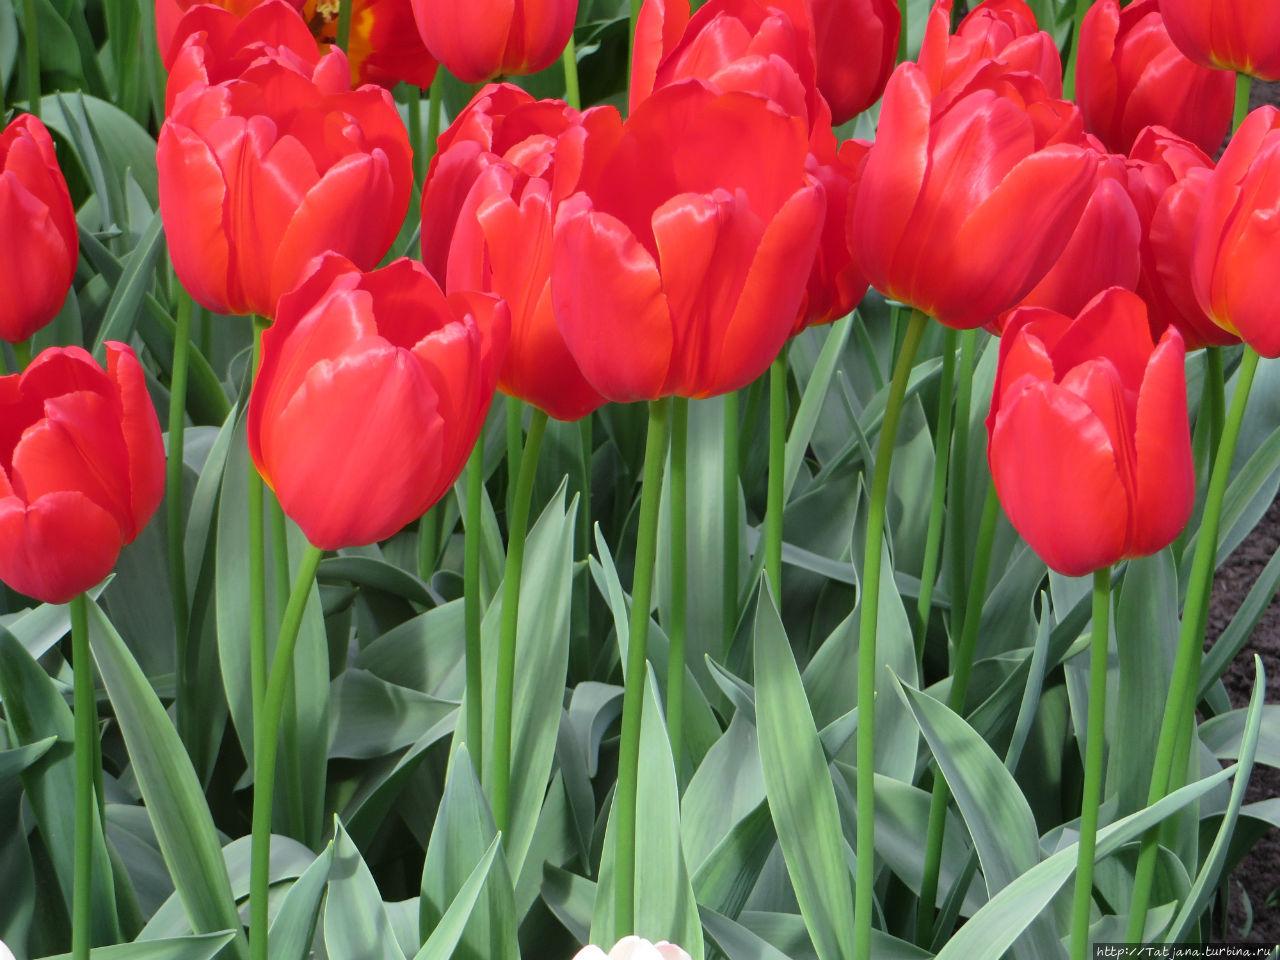 фото голландских тюльпанов тату делаются